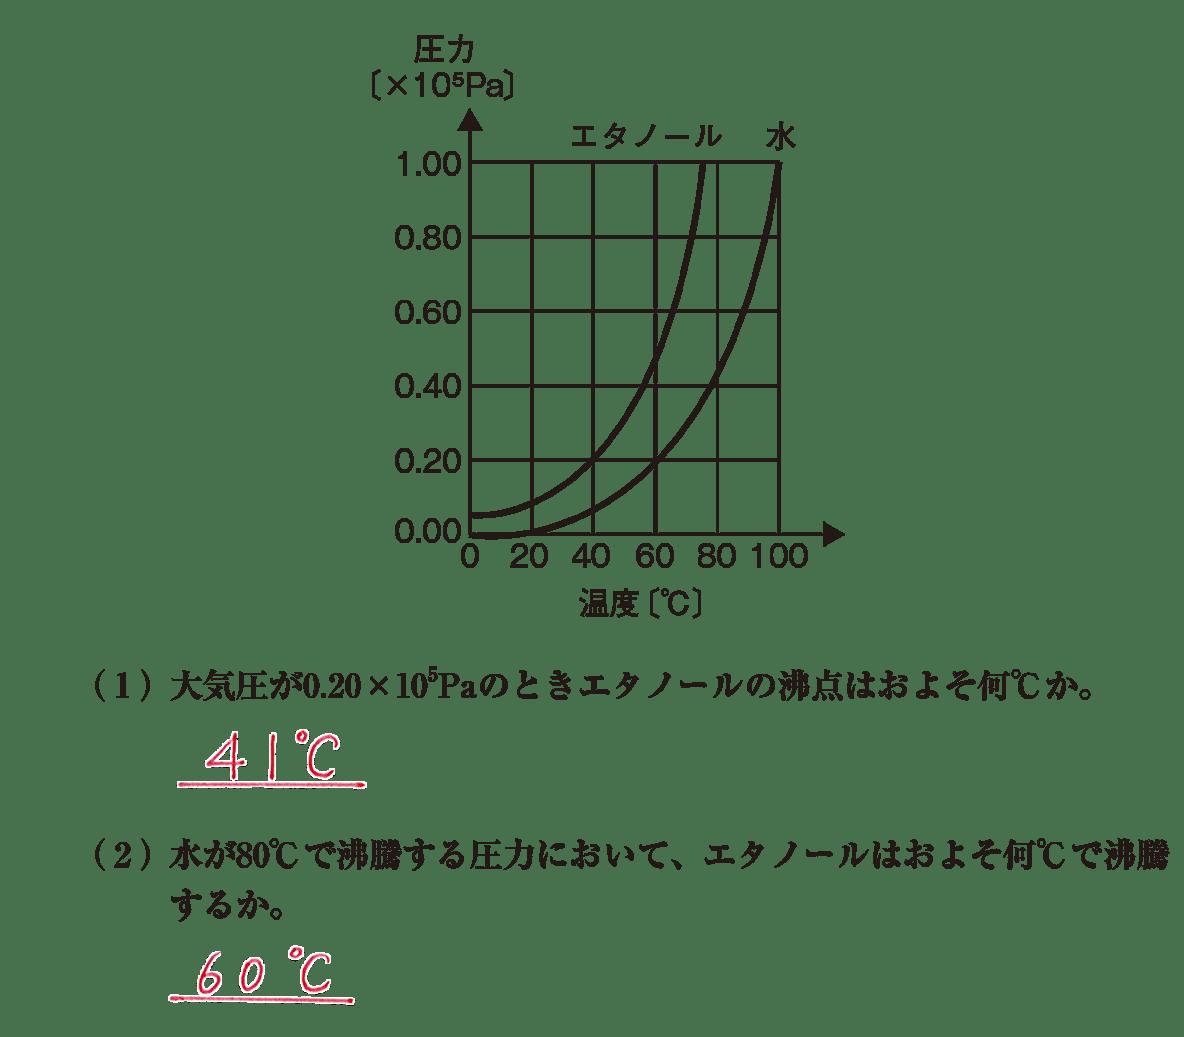 高校化学 物質の状態と平衡8 ポイント2 グラフと(1)(2) 答えあり